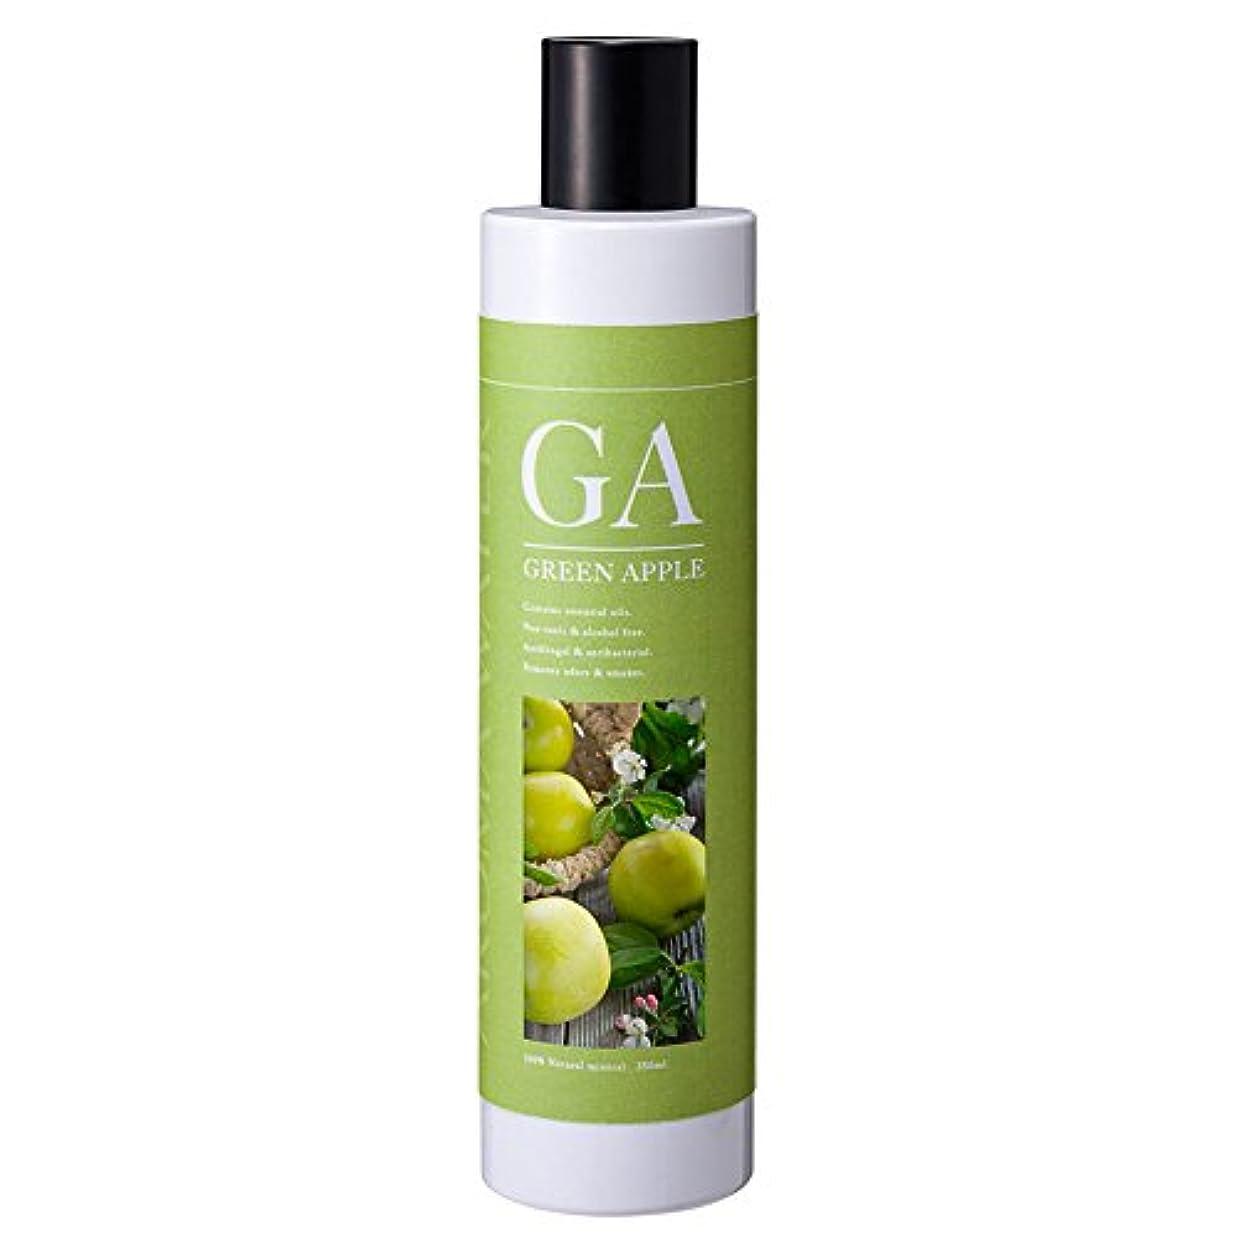 富忌避剤あごアロマウォーター250ml AWT-1527GAグリーンアップル